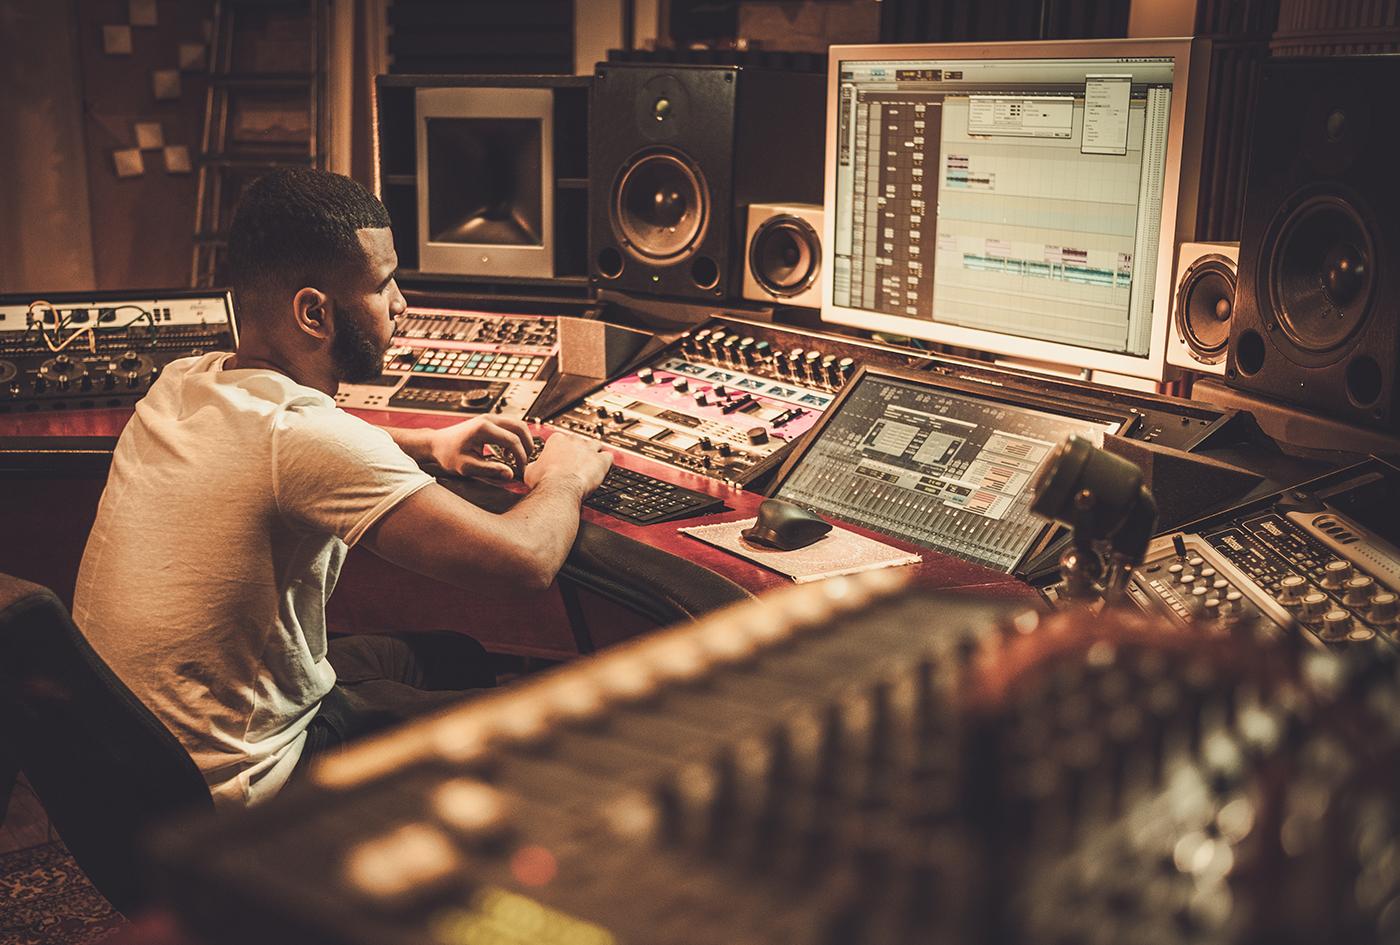 プロ作曲家になりたい方必見!売れっ子作曲家が実践している7つの心得!!